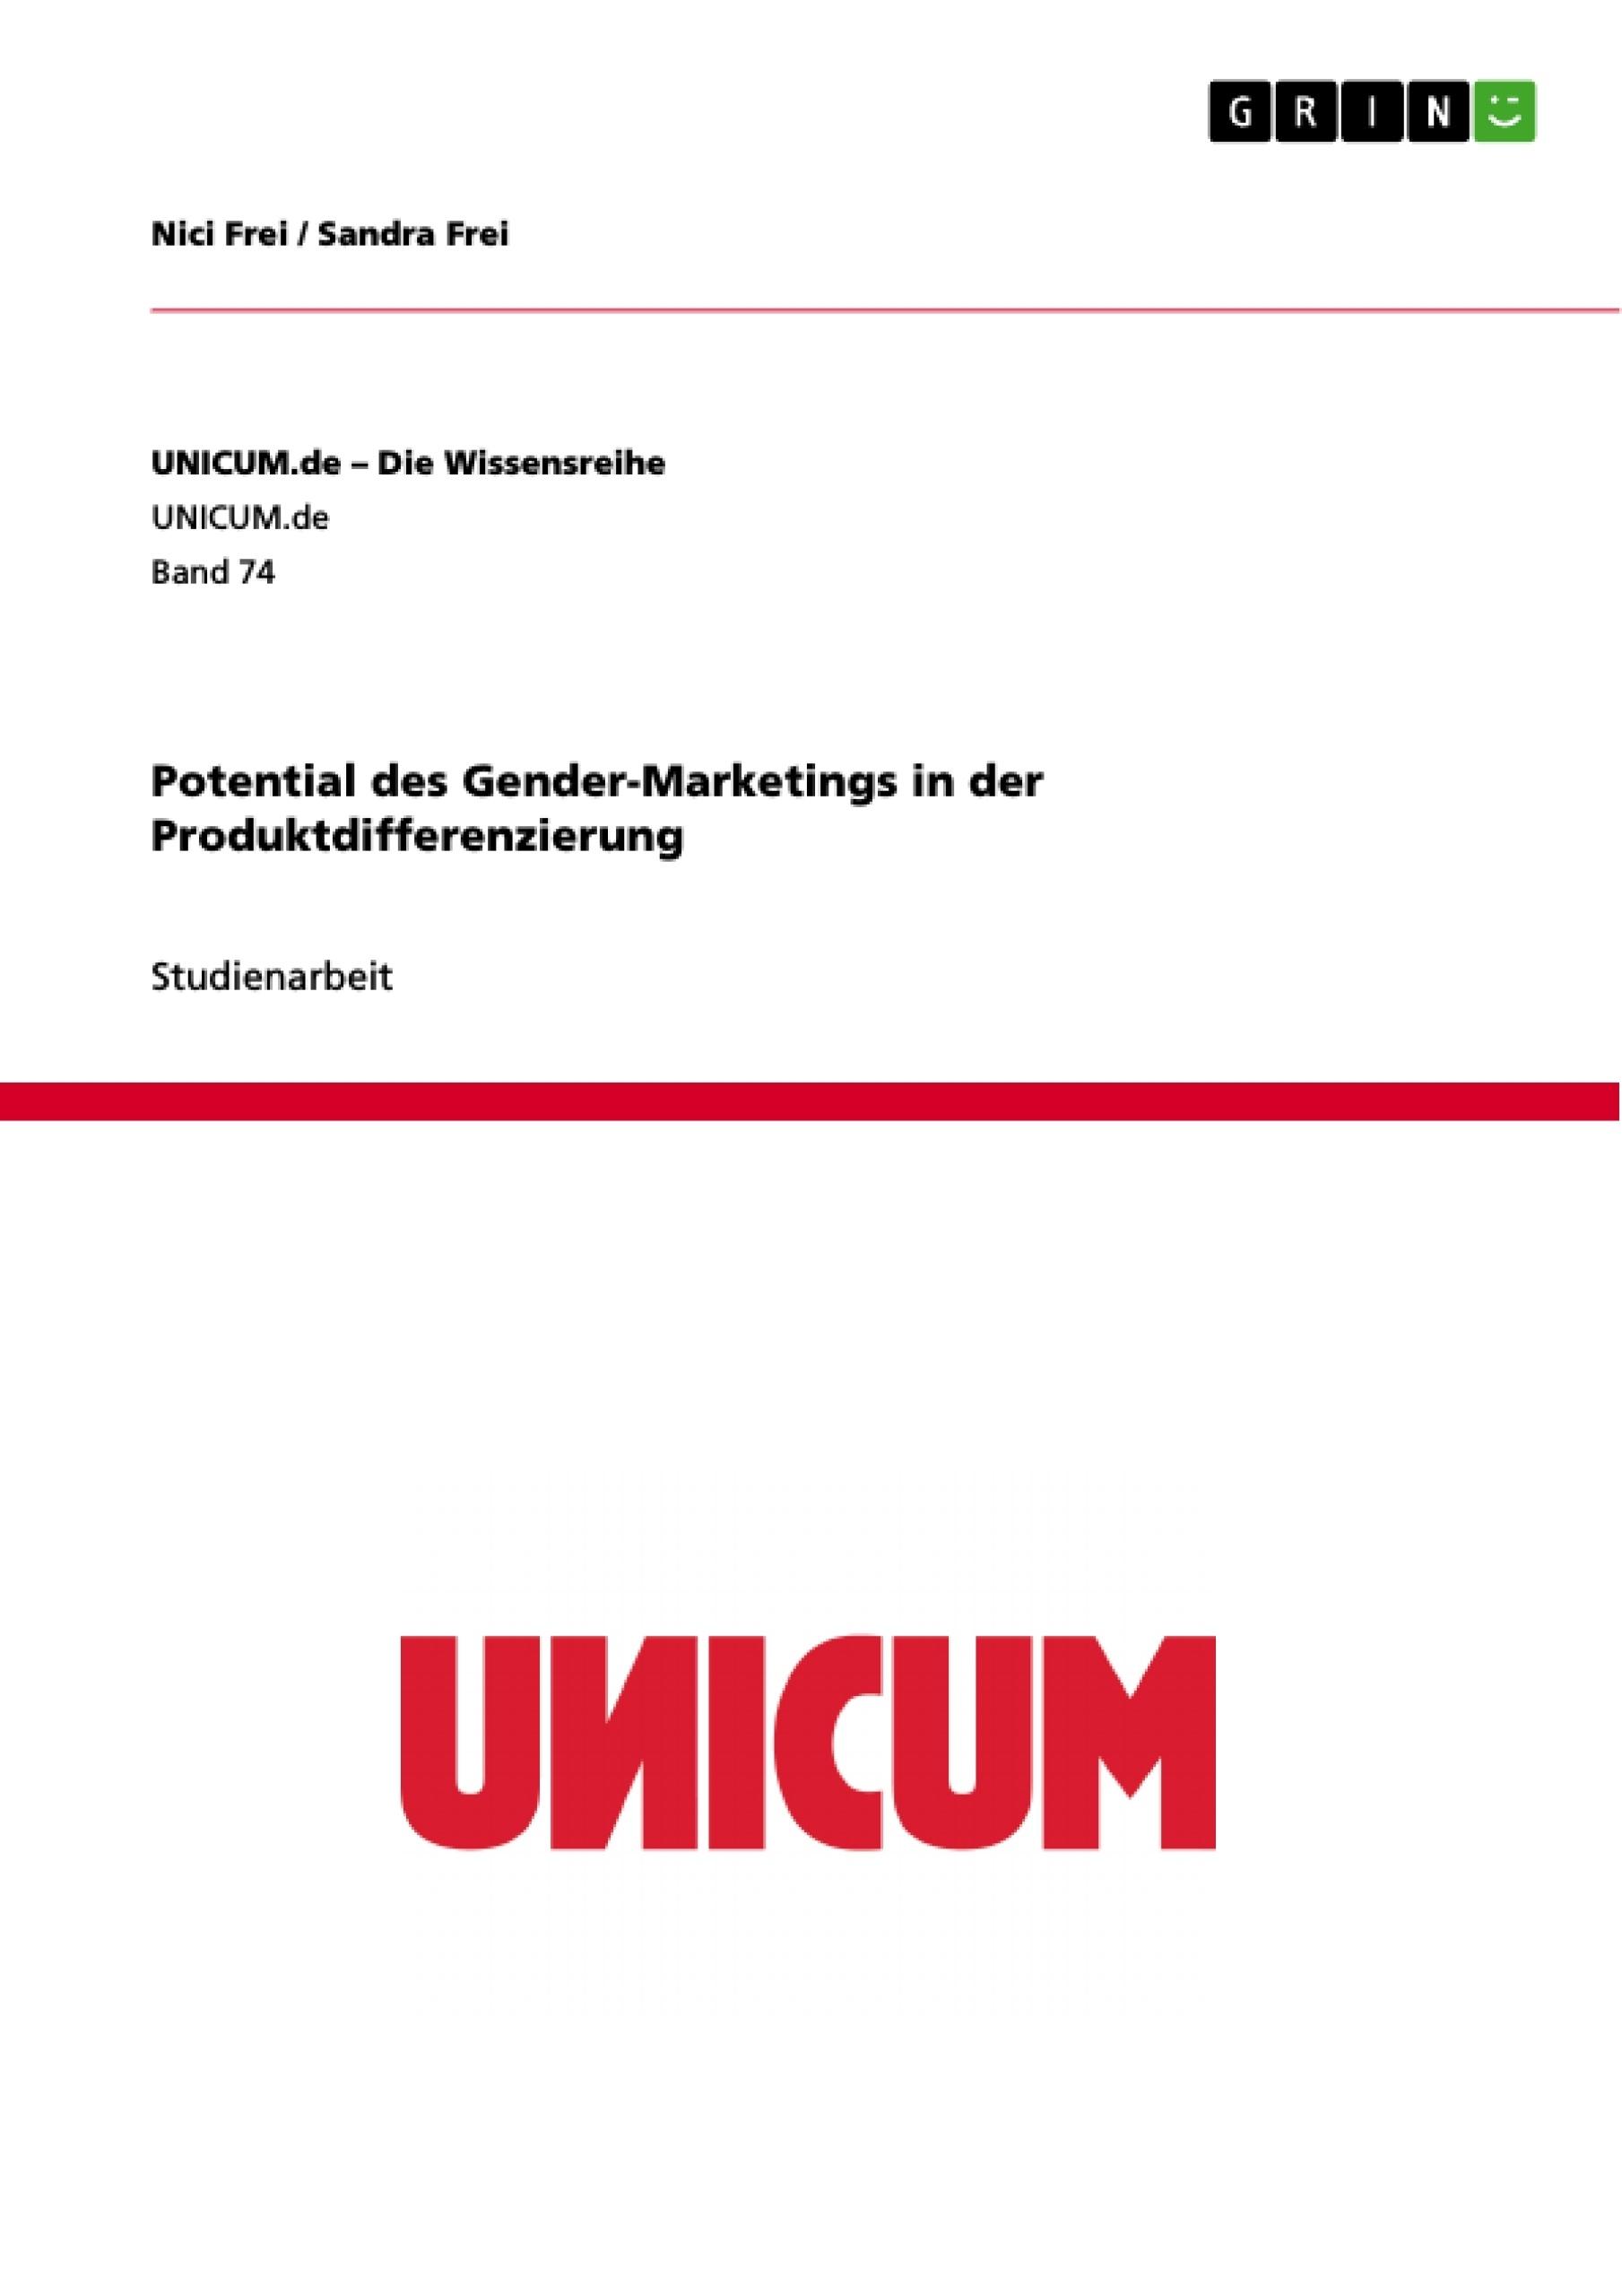 Titel: Potential des Gender-Marketings in der Produktdifferenzierung